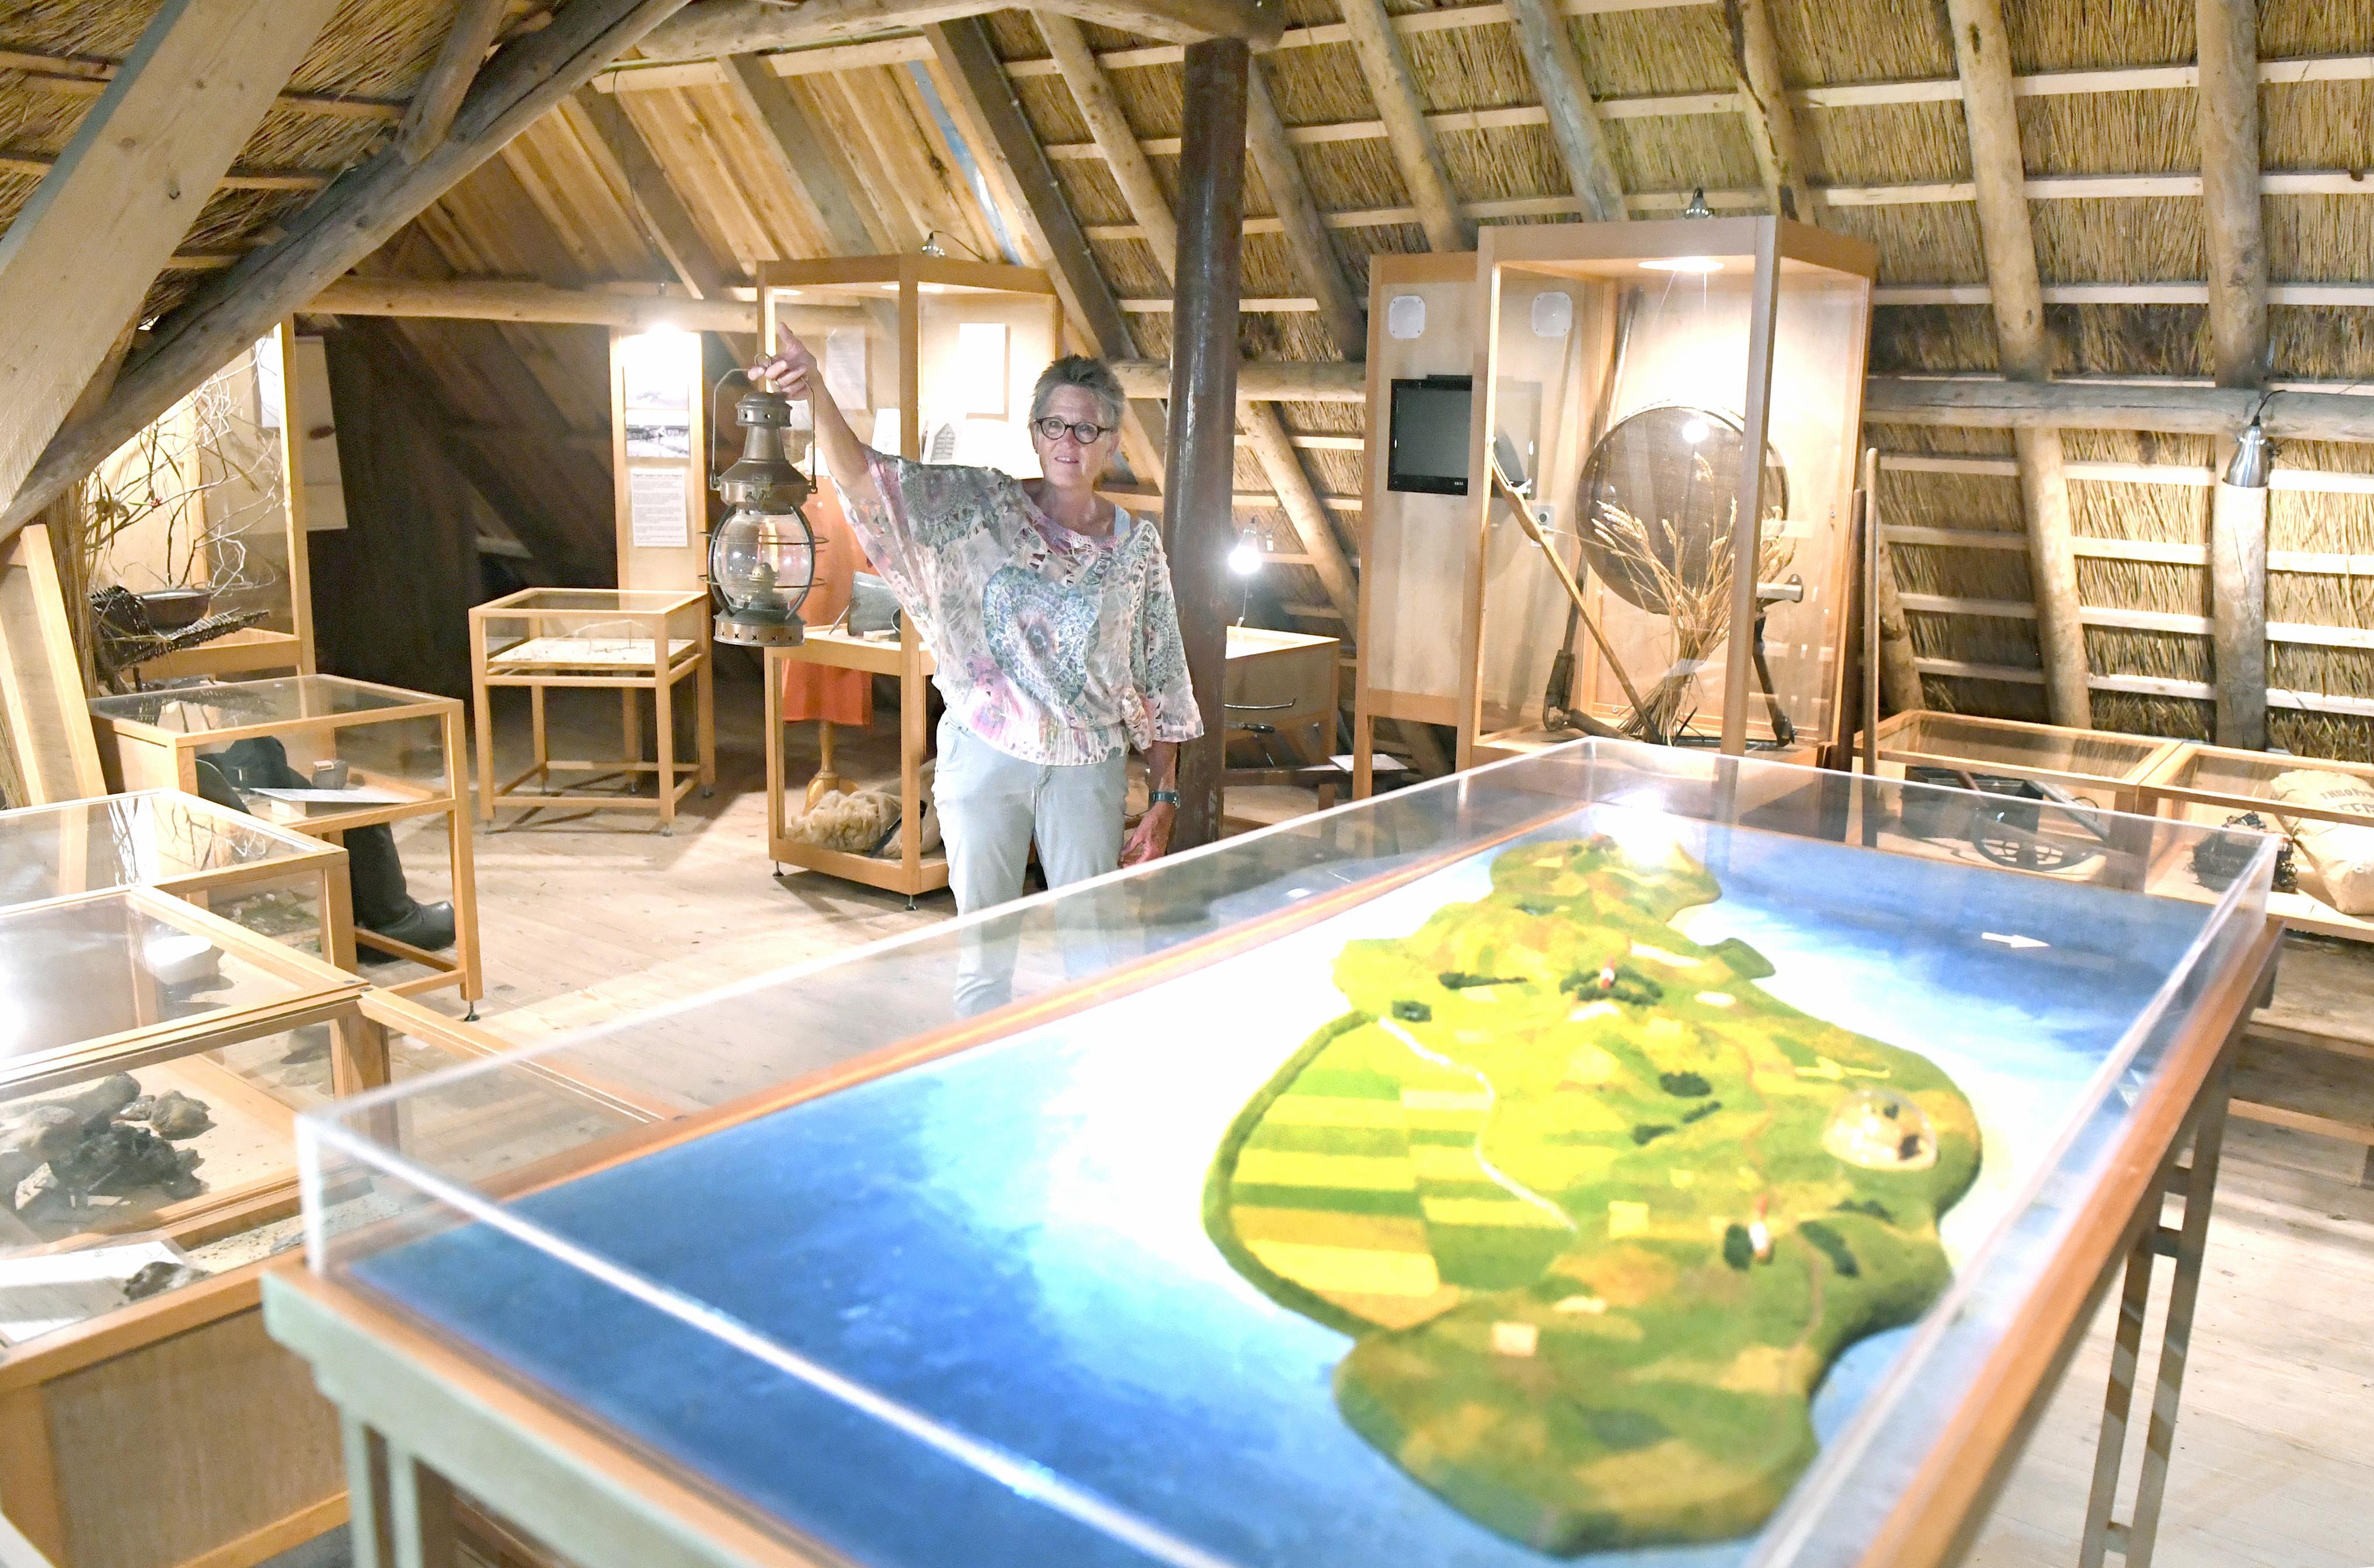 Wieringer Eilandmuseum loopt nu bezoekers mis door vrijwilligerstekort en het zou fijn zijn als iemand kan helpen met de vergeten groenten